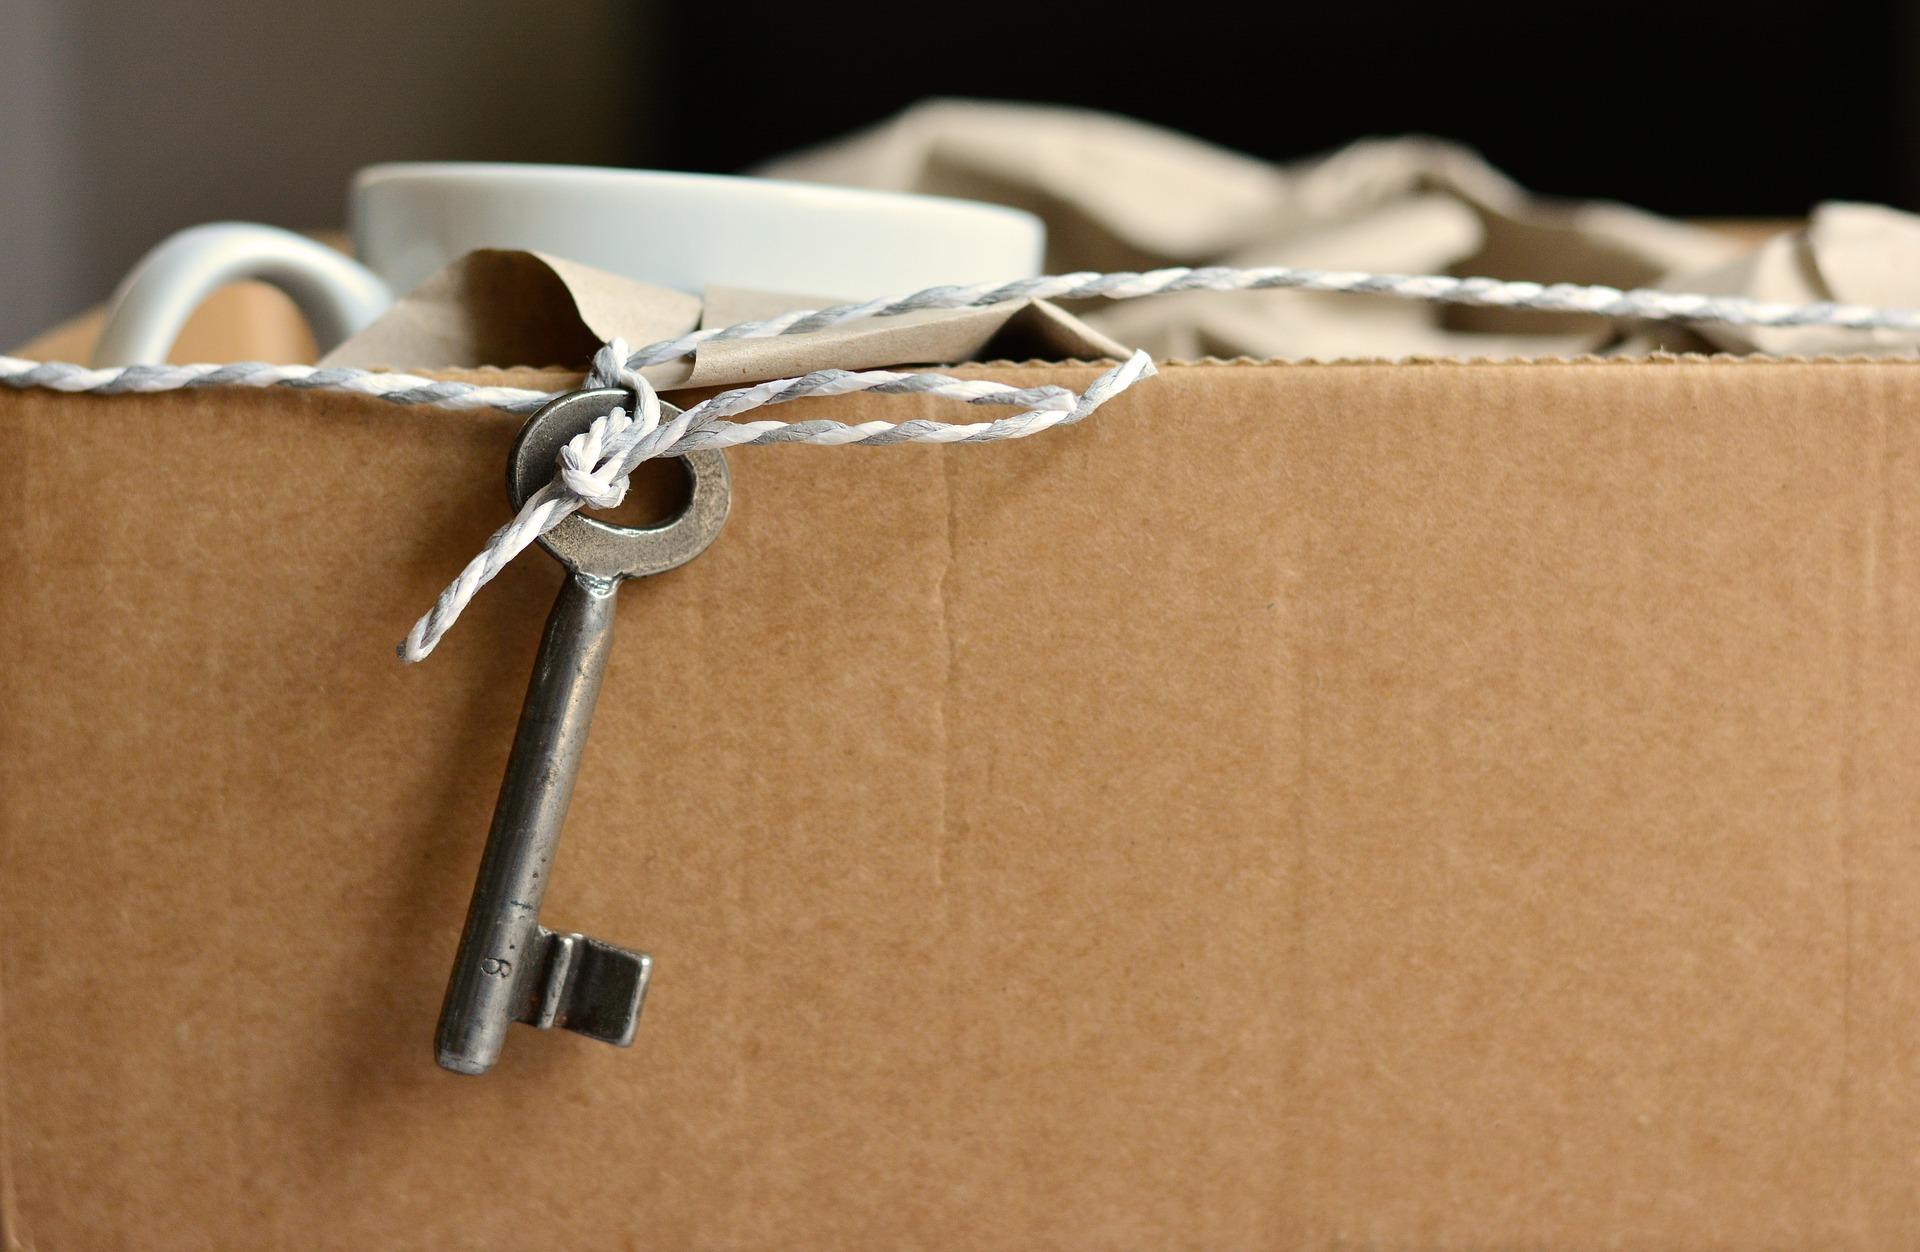 Kiste mit angebundenem Schlüssel